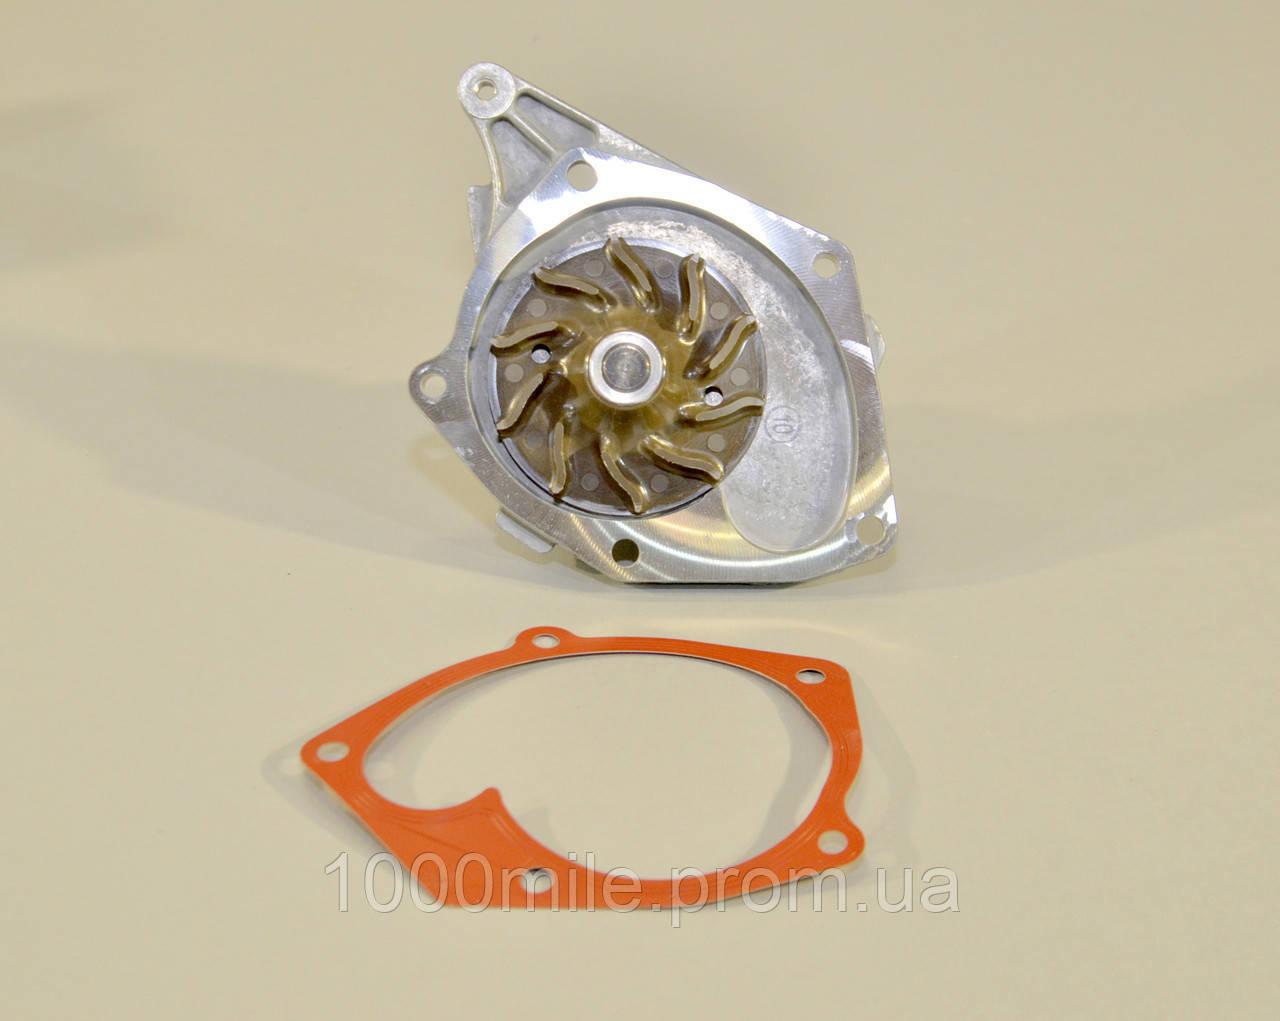 Водяной насос на Renault Kangoo 01->2008  1.5dCi  —  Renault (Оригинал) - 7701478031